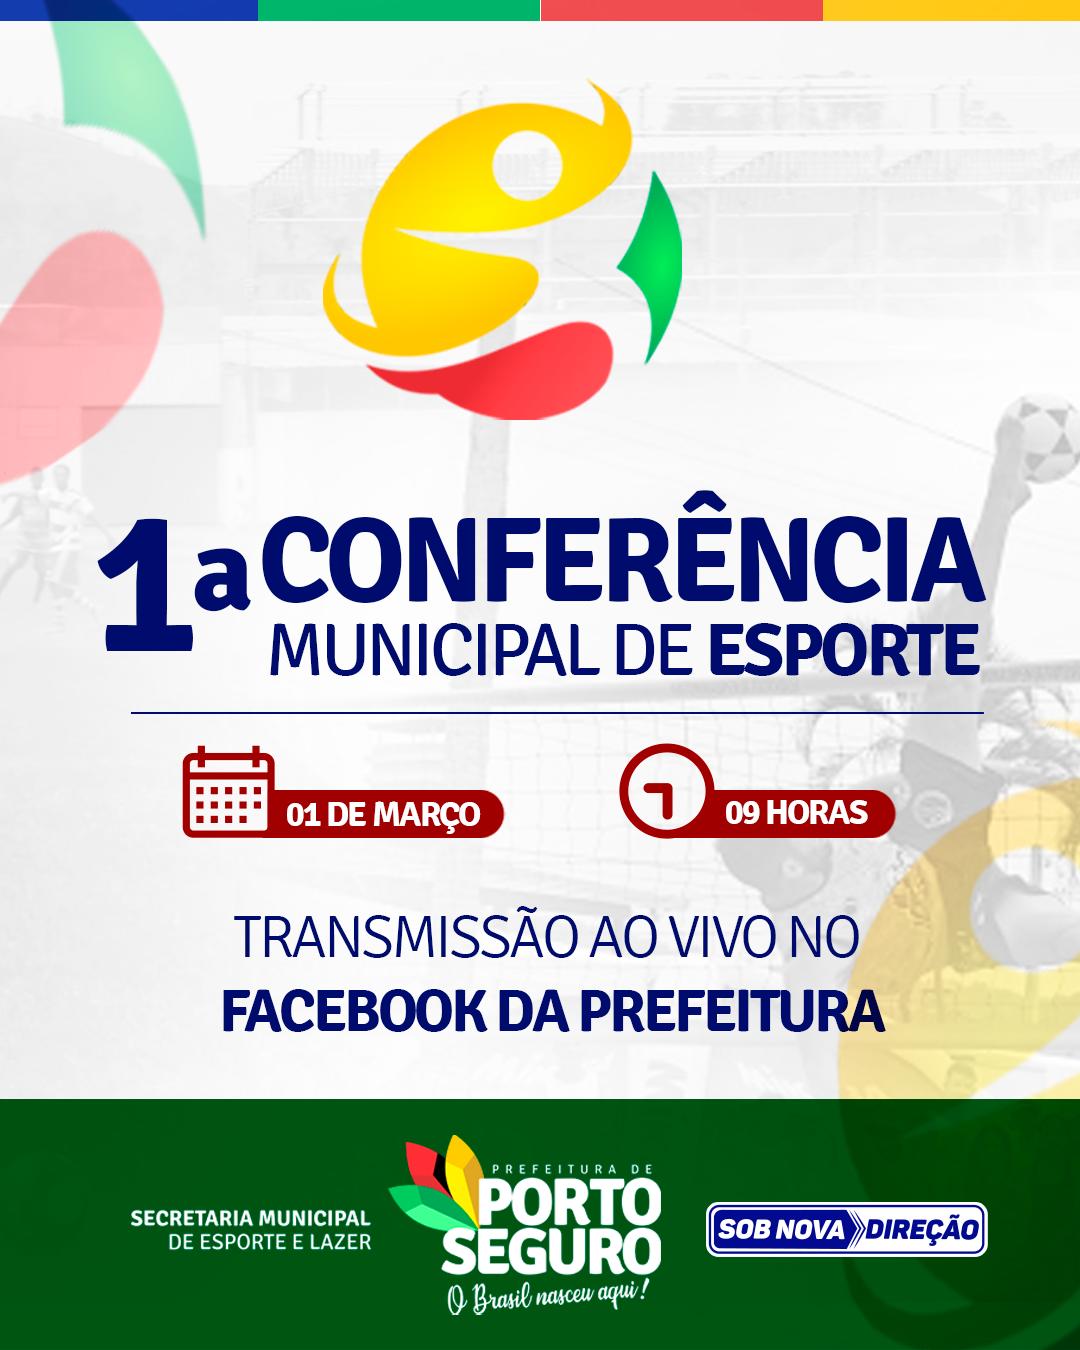 1ª Conferência Municipal de Esporte de Porto Seguro acontecerá nesta segunda (01/03) 18